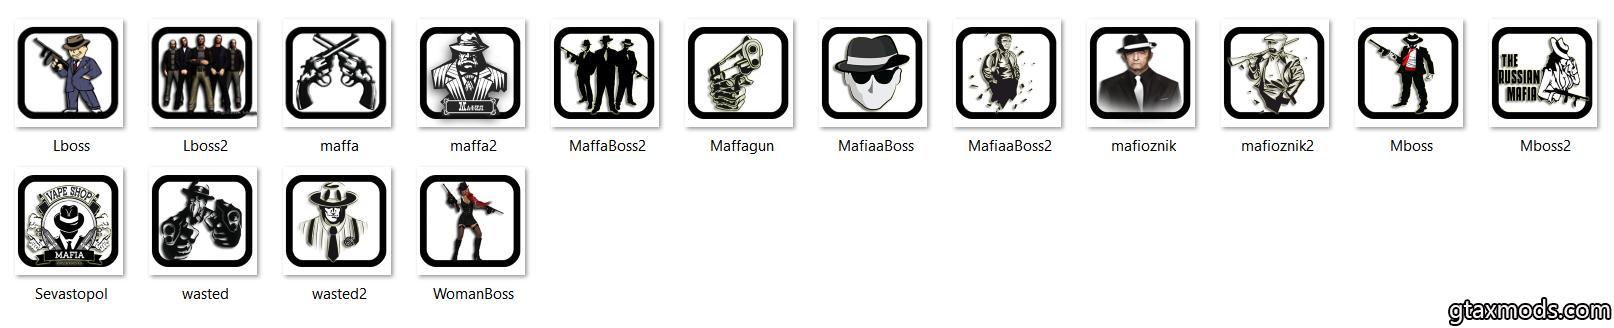 """Приватный фист пак """"Mafia Edition"""" от Davida"""